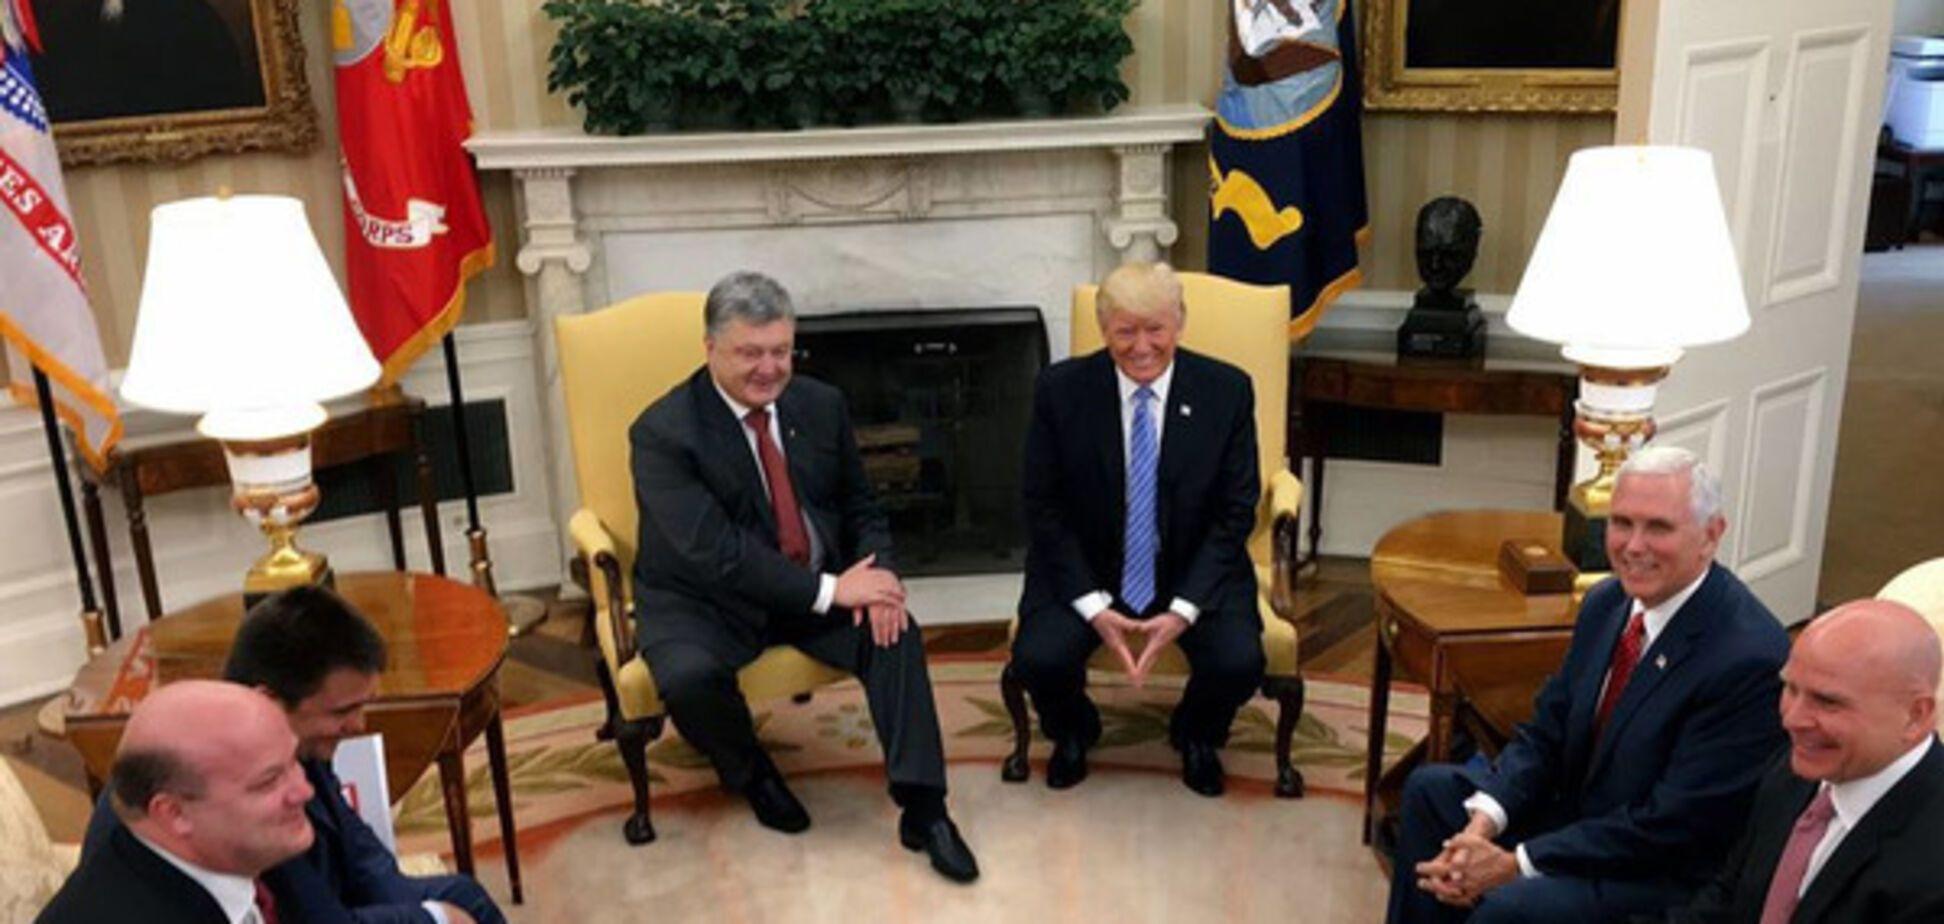 визит Порошенко в США, Трамп